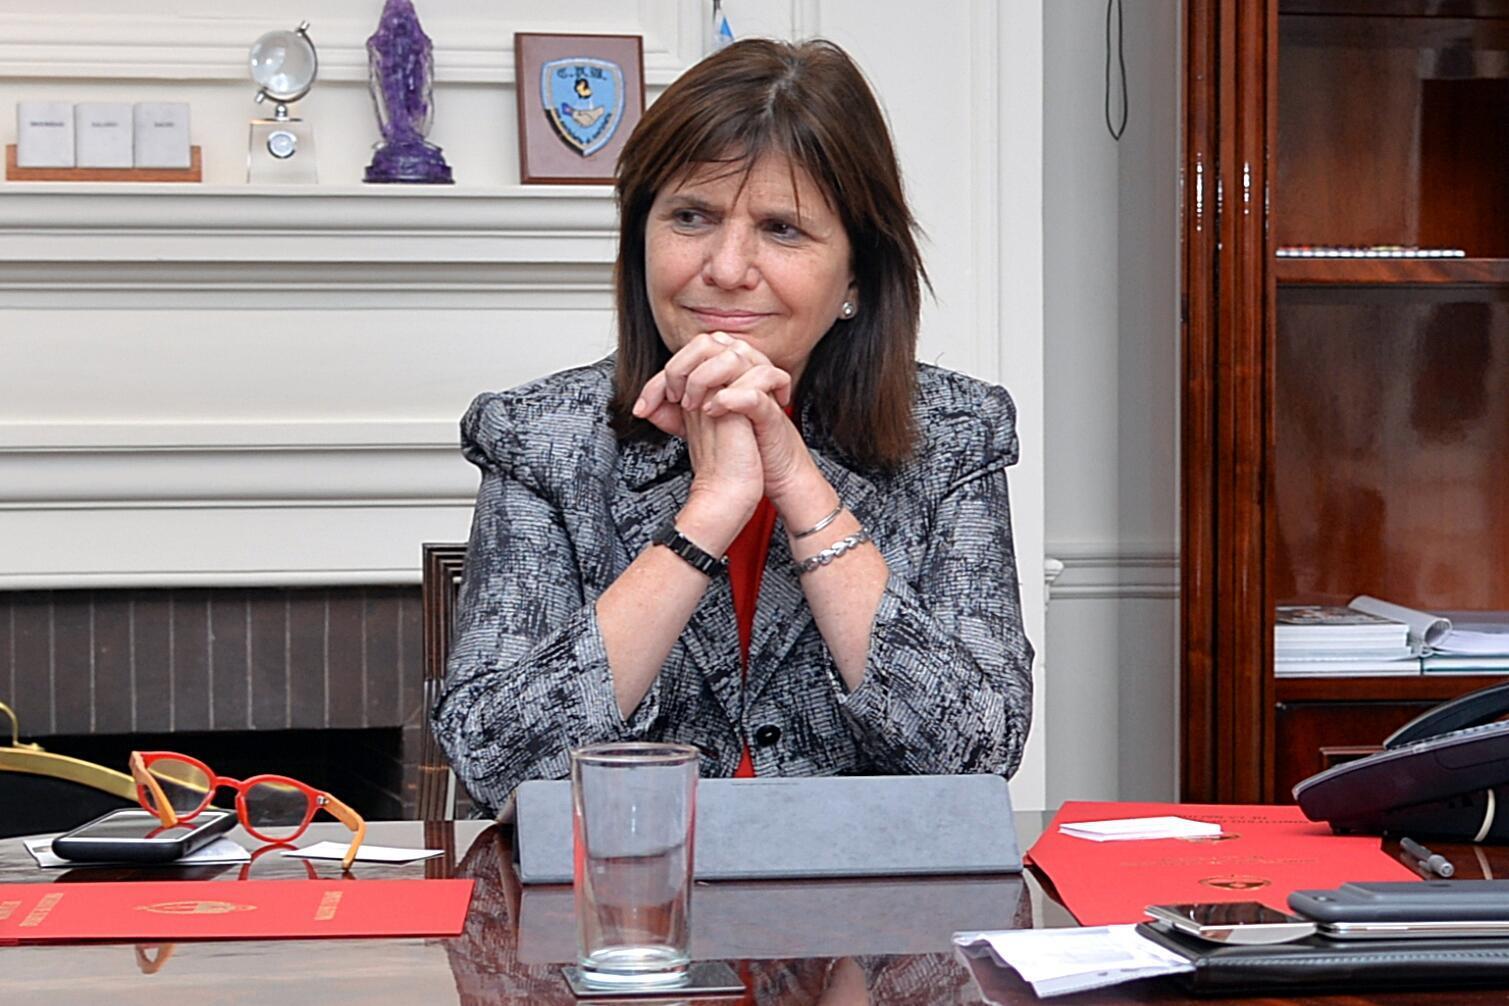 A ministra argentina de Segurança, Patricia Bullrich, cencedeu uma entrevista exclusiva à RFI sobre a cooperação entre o Brasil e a Argentina durante os Jogos Olímpicos do Rio.